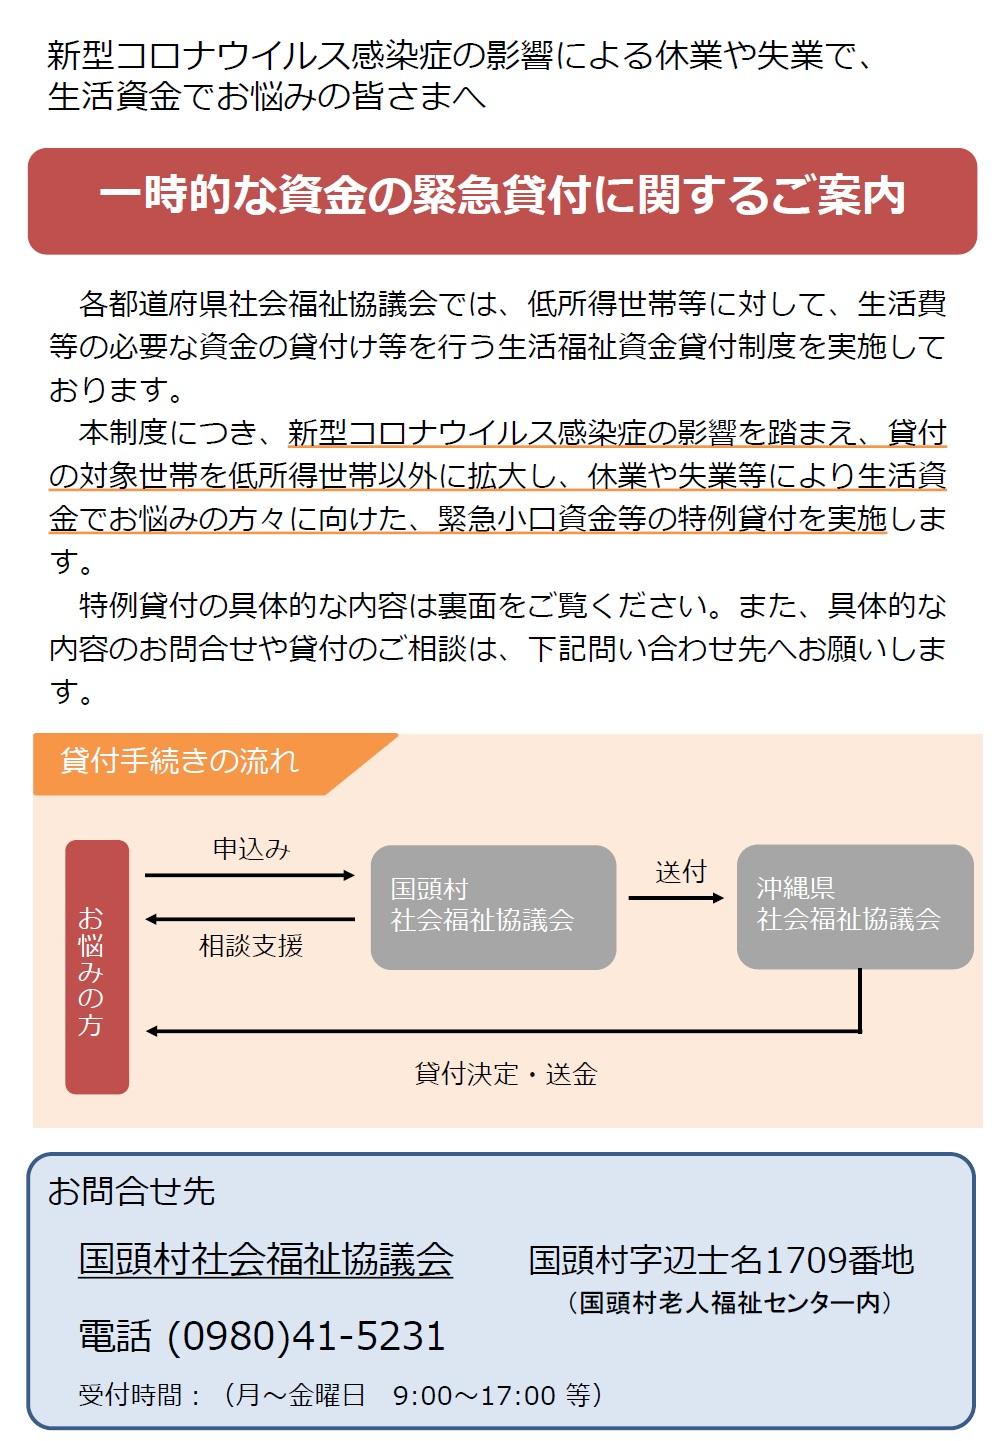 沖縄 コロナ ウイルス 情報